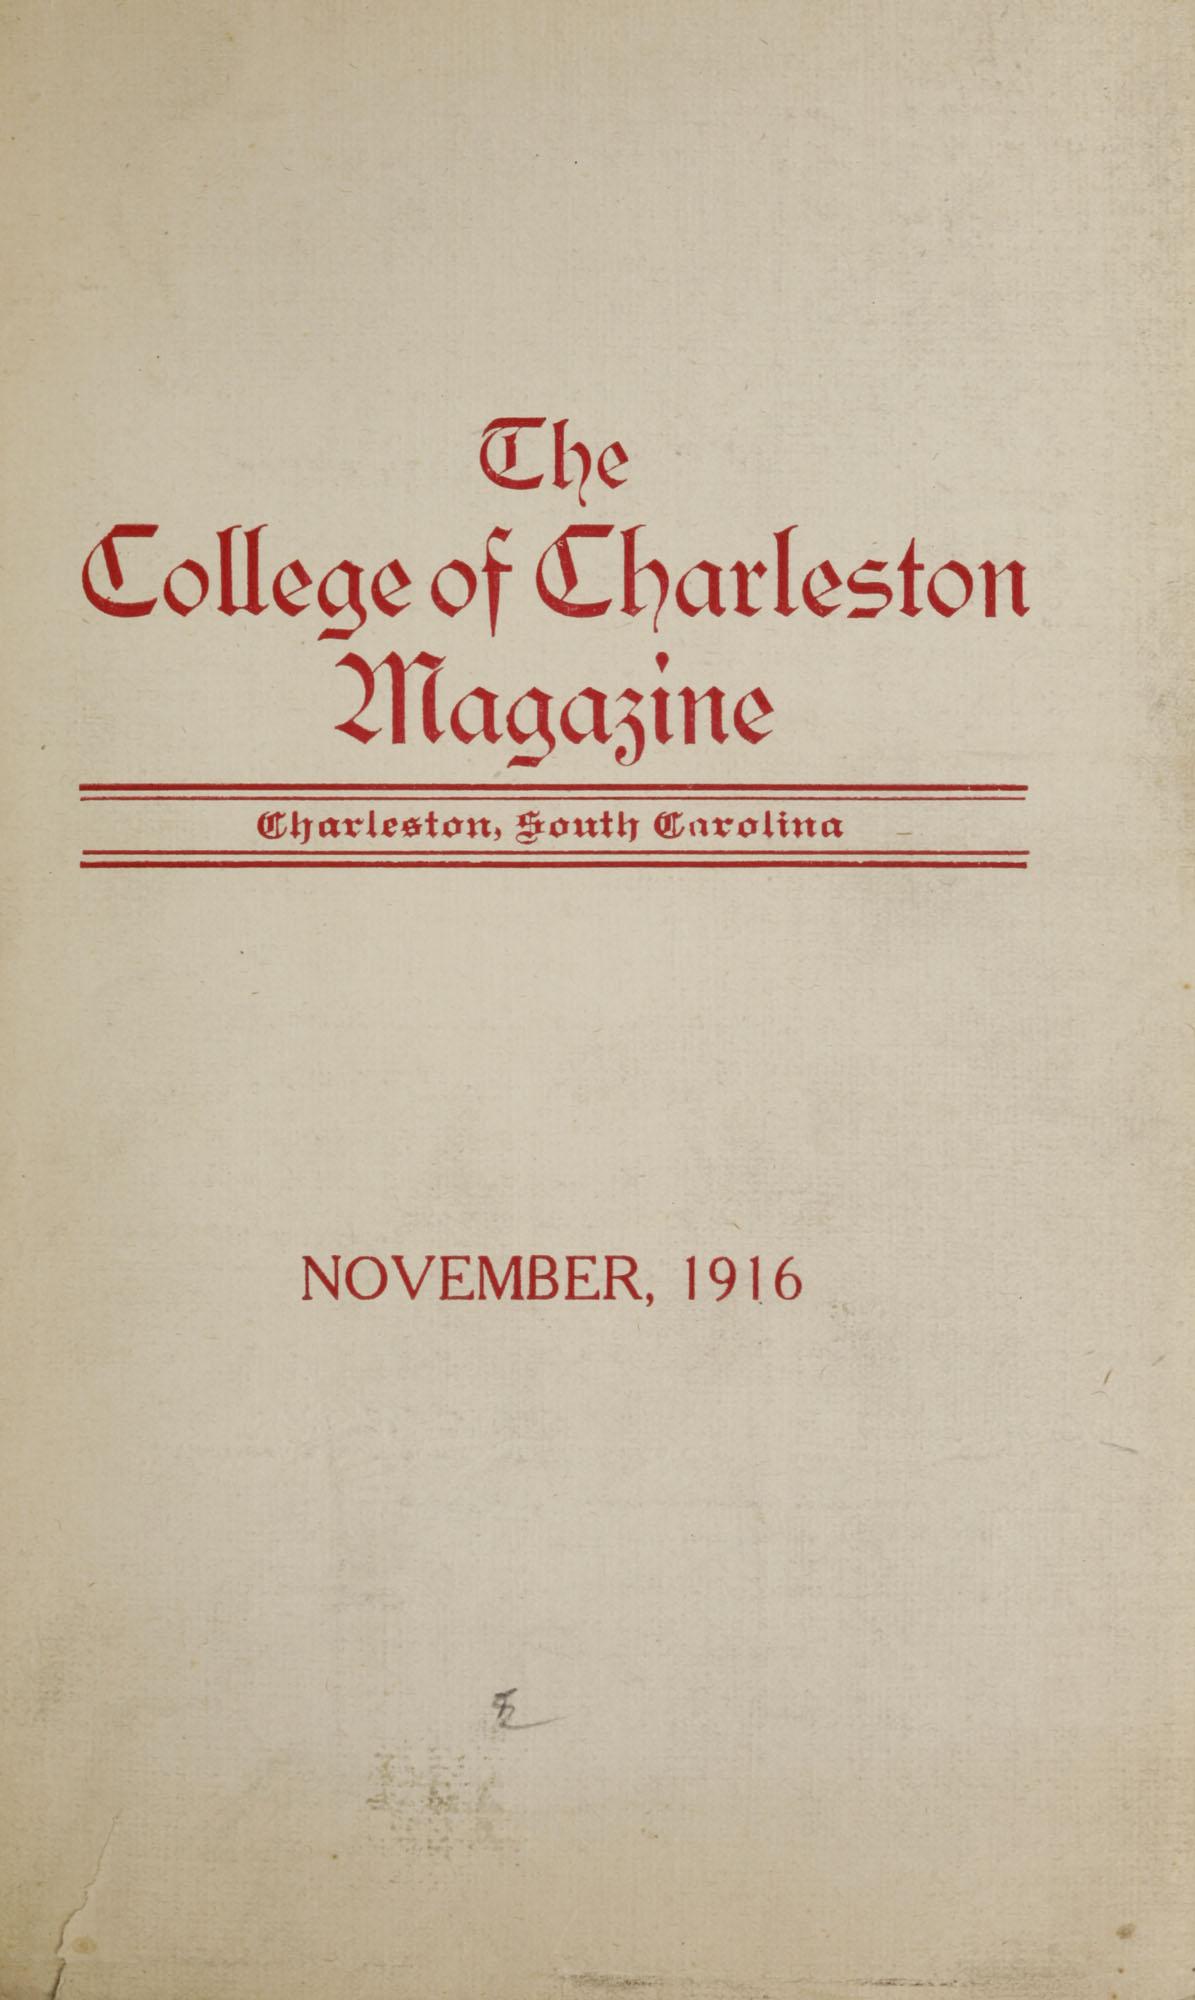 College of Charleston Magazine, 1916-1917